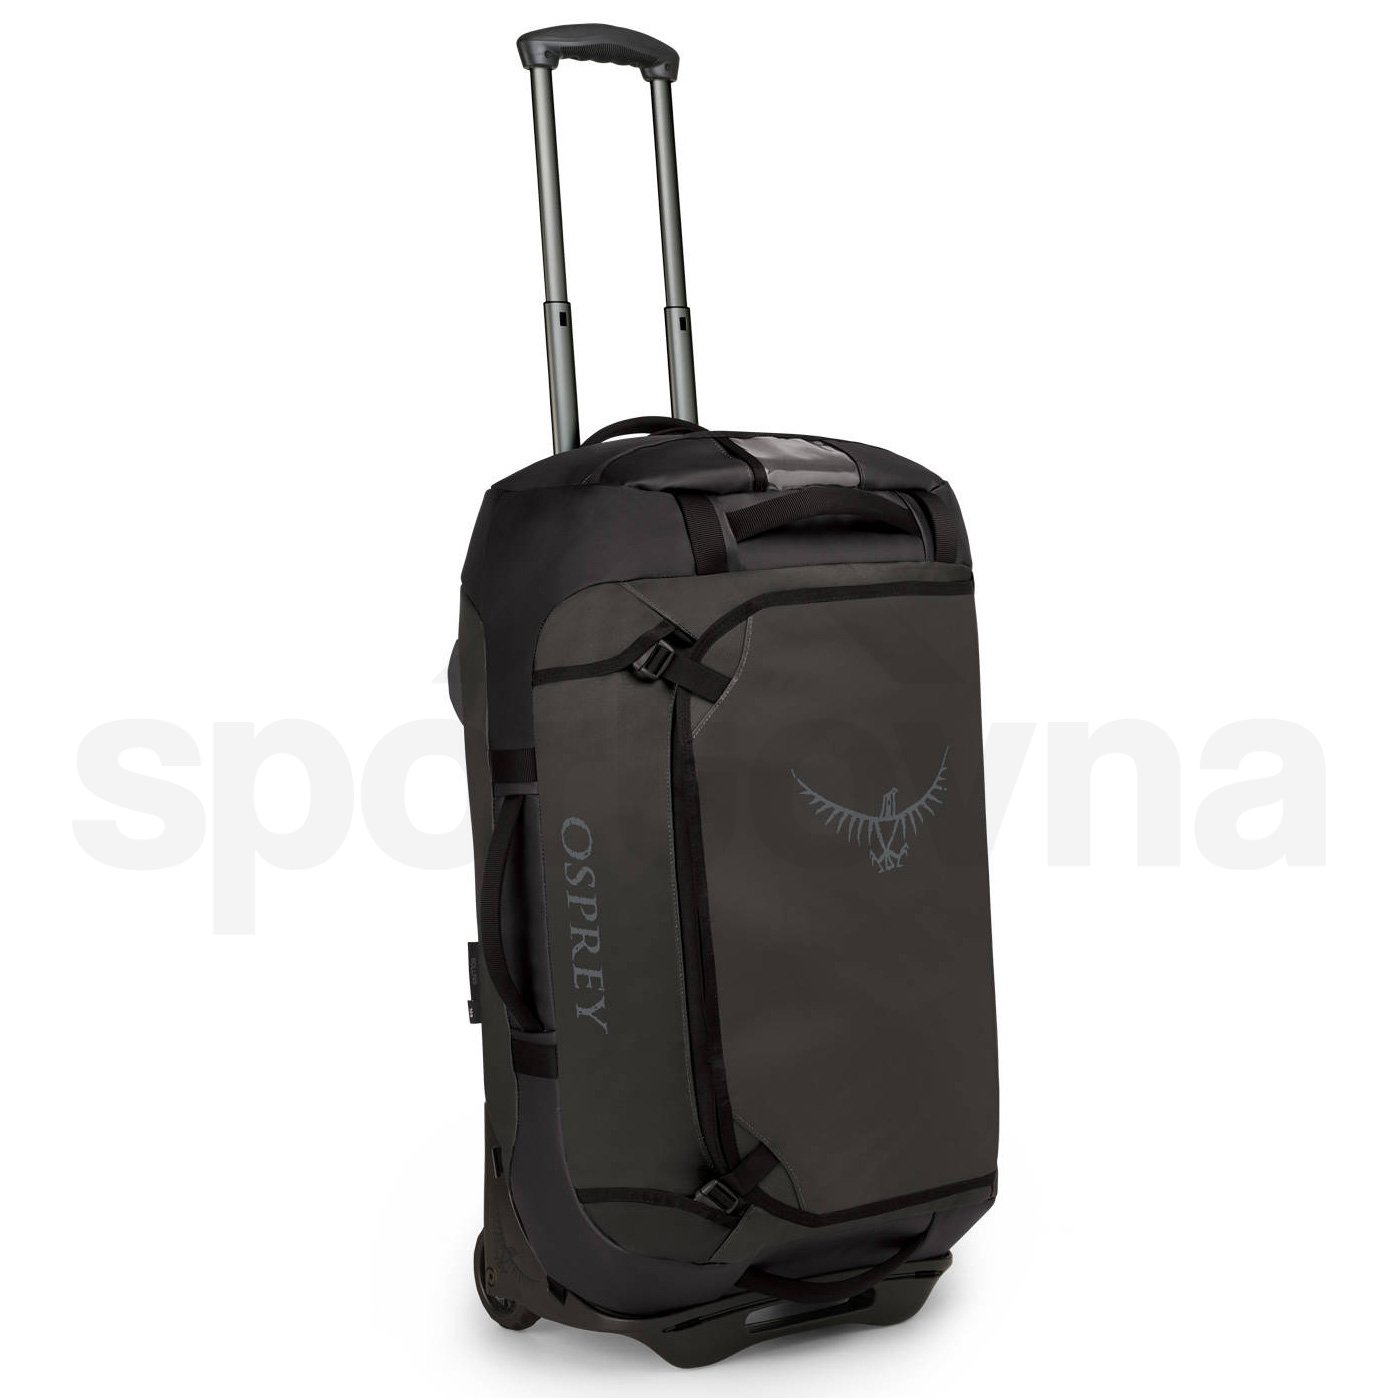 osprey-rolling-transporter-60-f20-side-black-867042